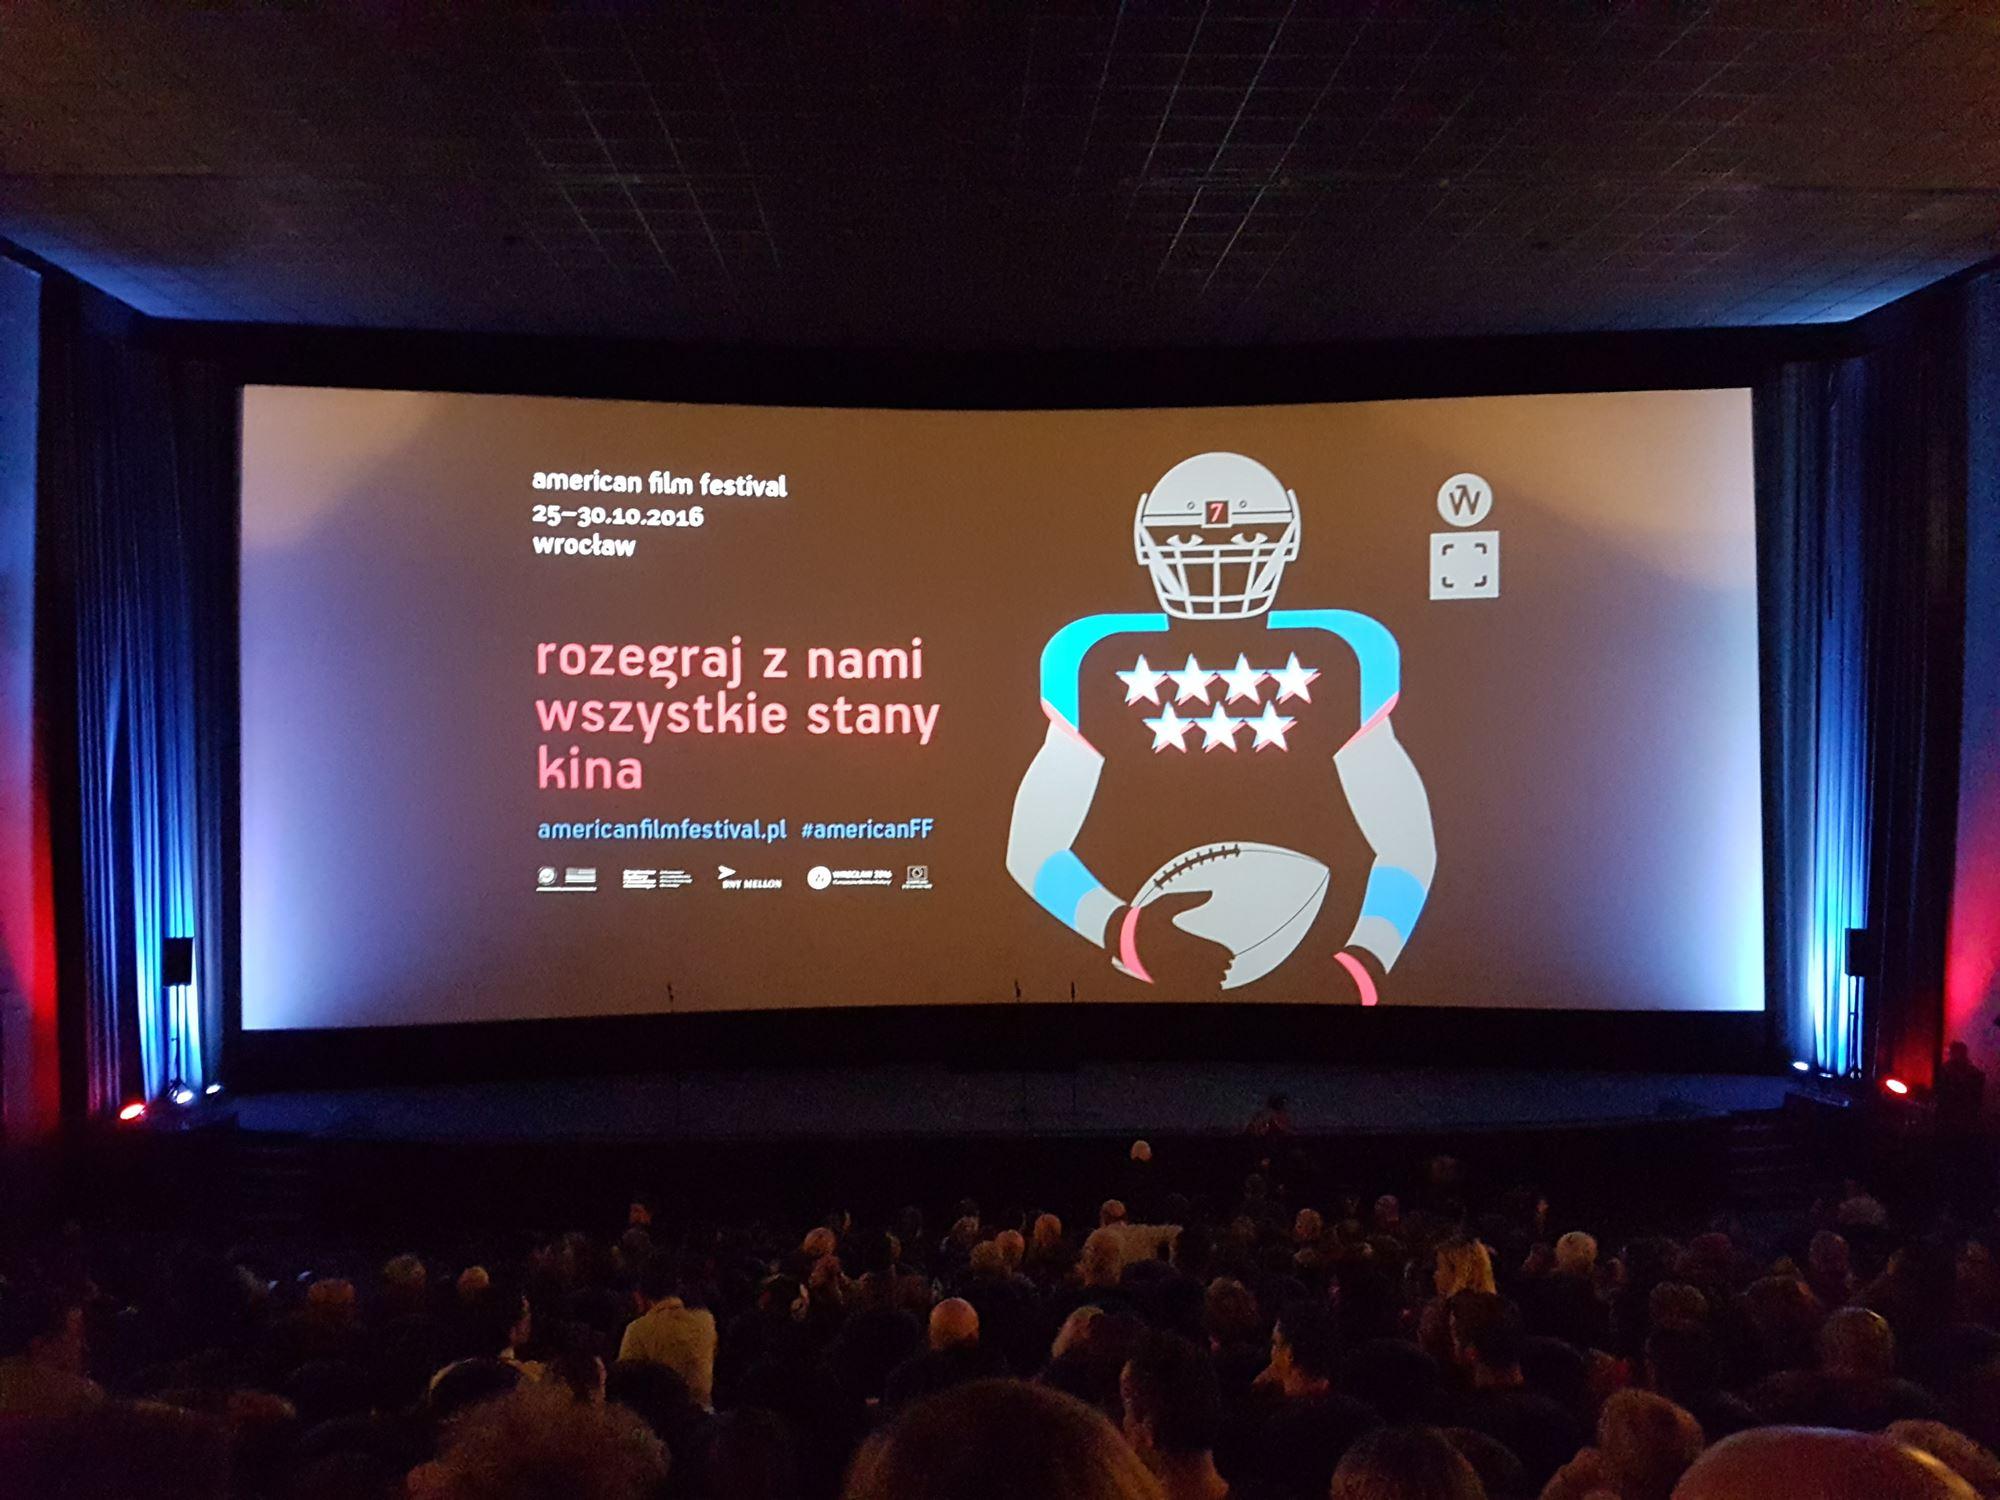 Doświadczenie festiwalu filmowego, imprezy, która została stworzona z myślą o Tobie